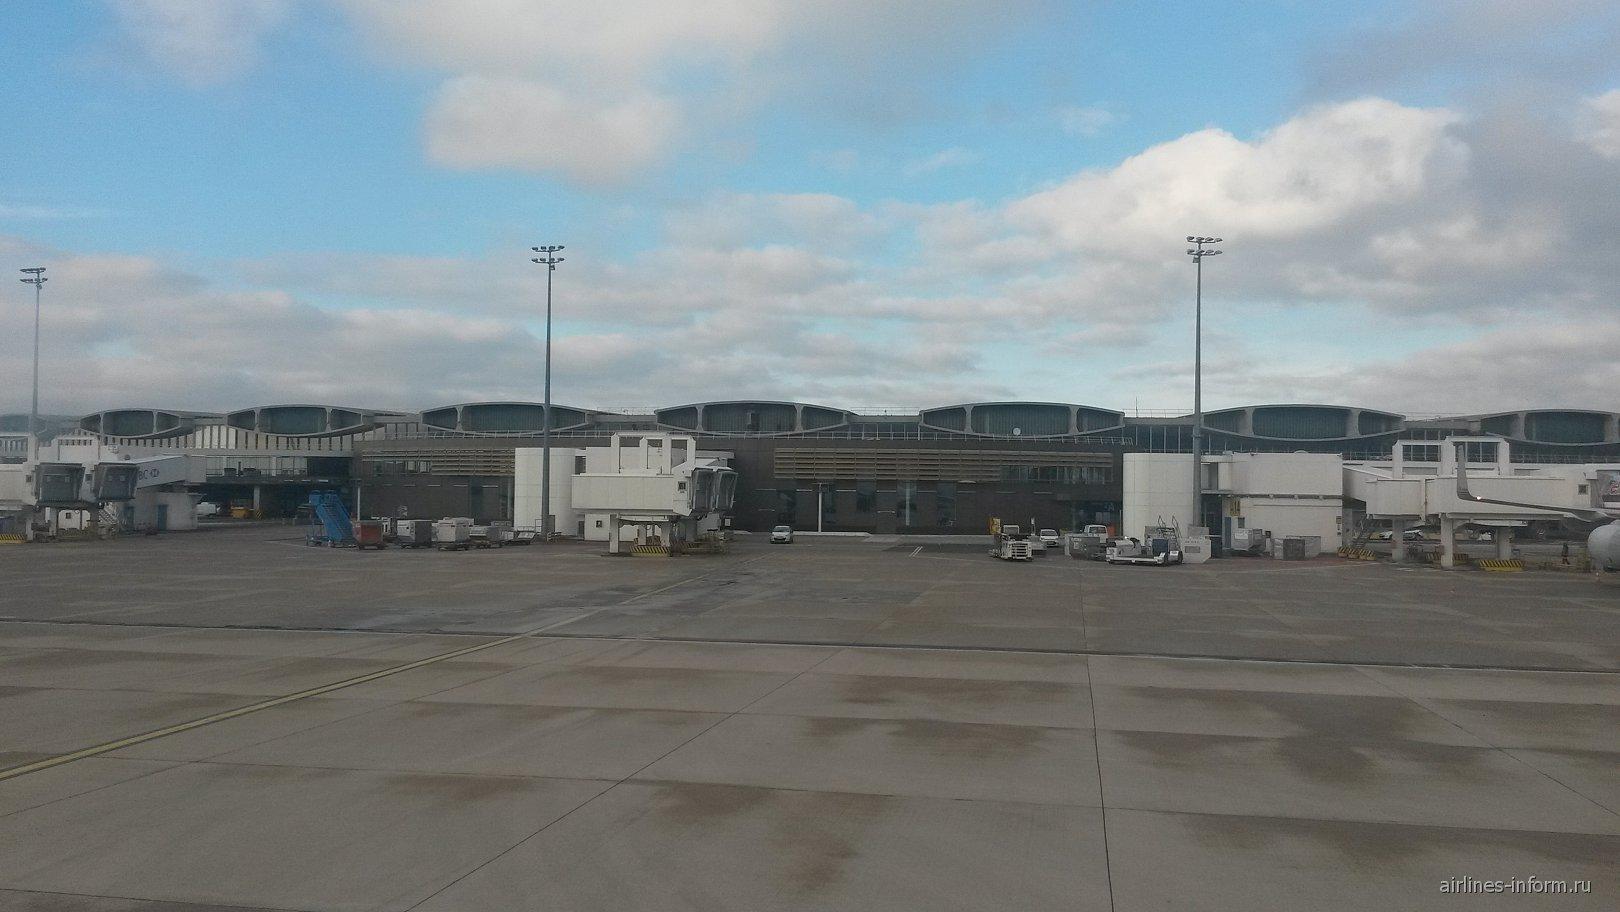 Терминал 2 аэропорта Париж Шарь-де-Голль со стороны перрона